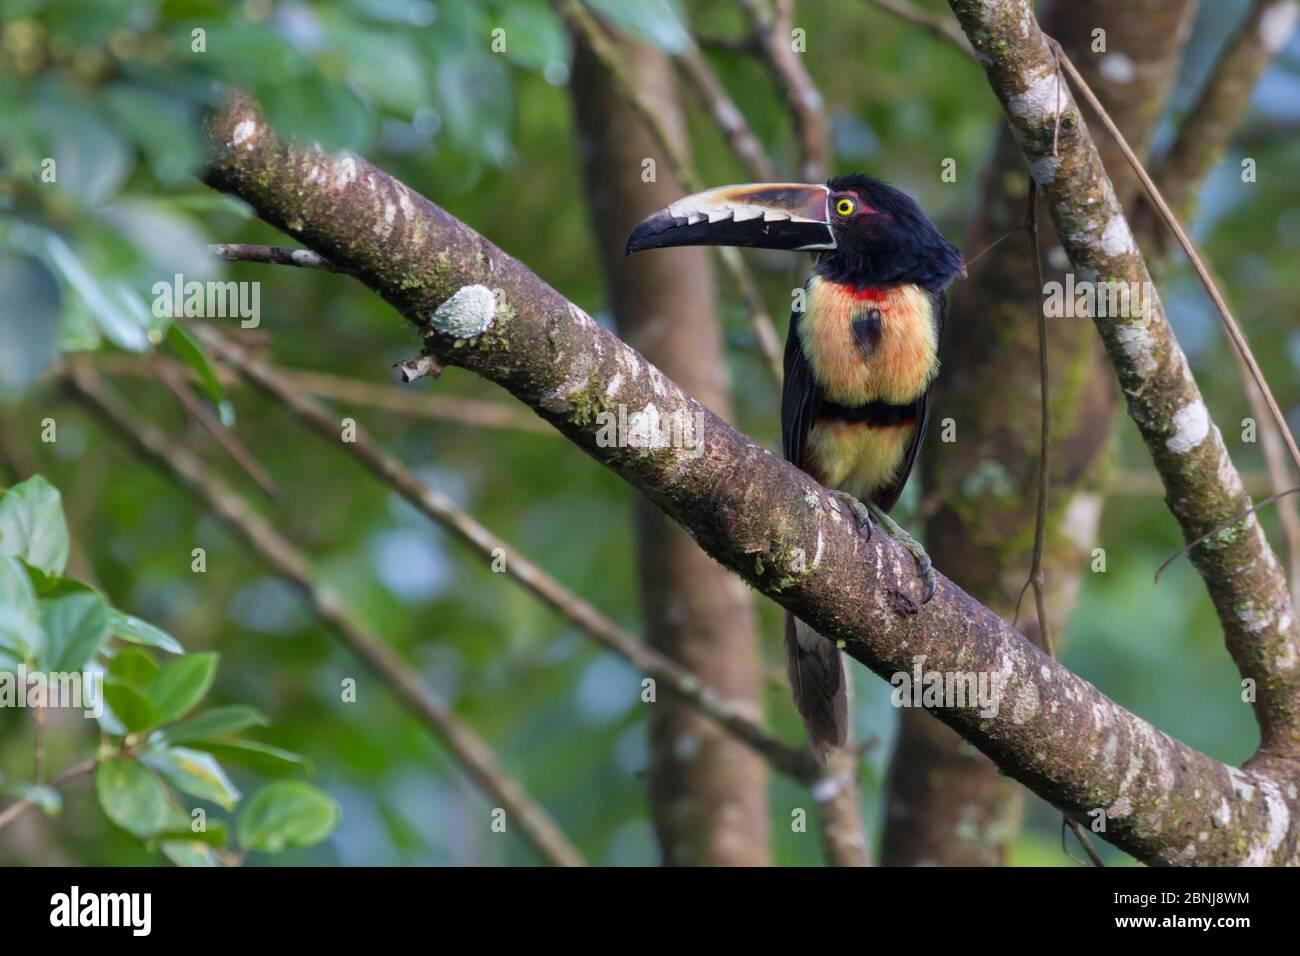 Halsbandaracari (Pteroglossus torquatus) Cordillera de Talamanca Gebirge, Karibische Pisten, Costa Rica. Stockfoto